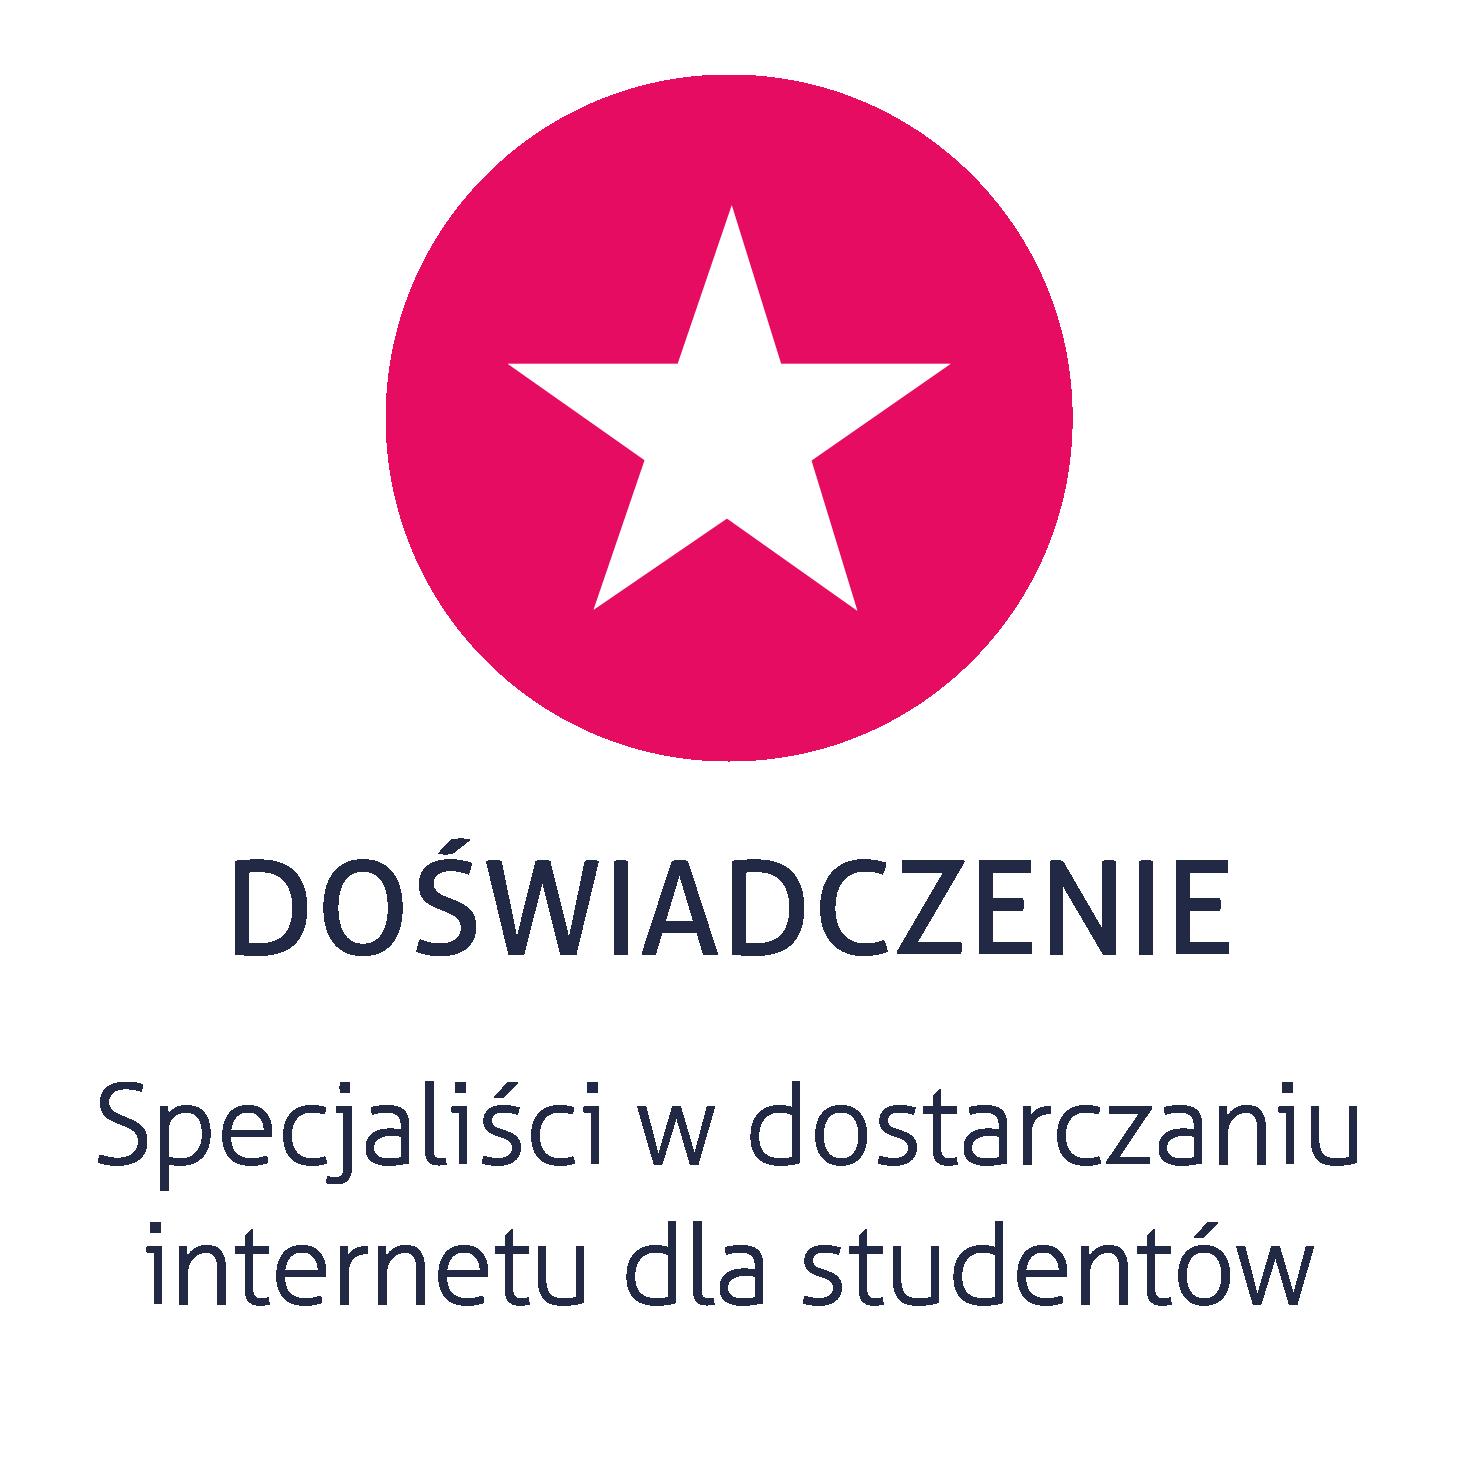 Specjaliści w dostarczaniu internetu dla studentów